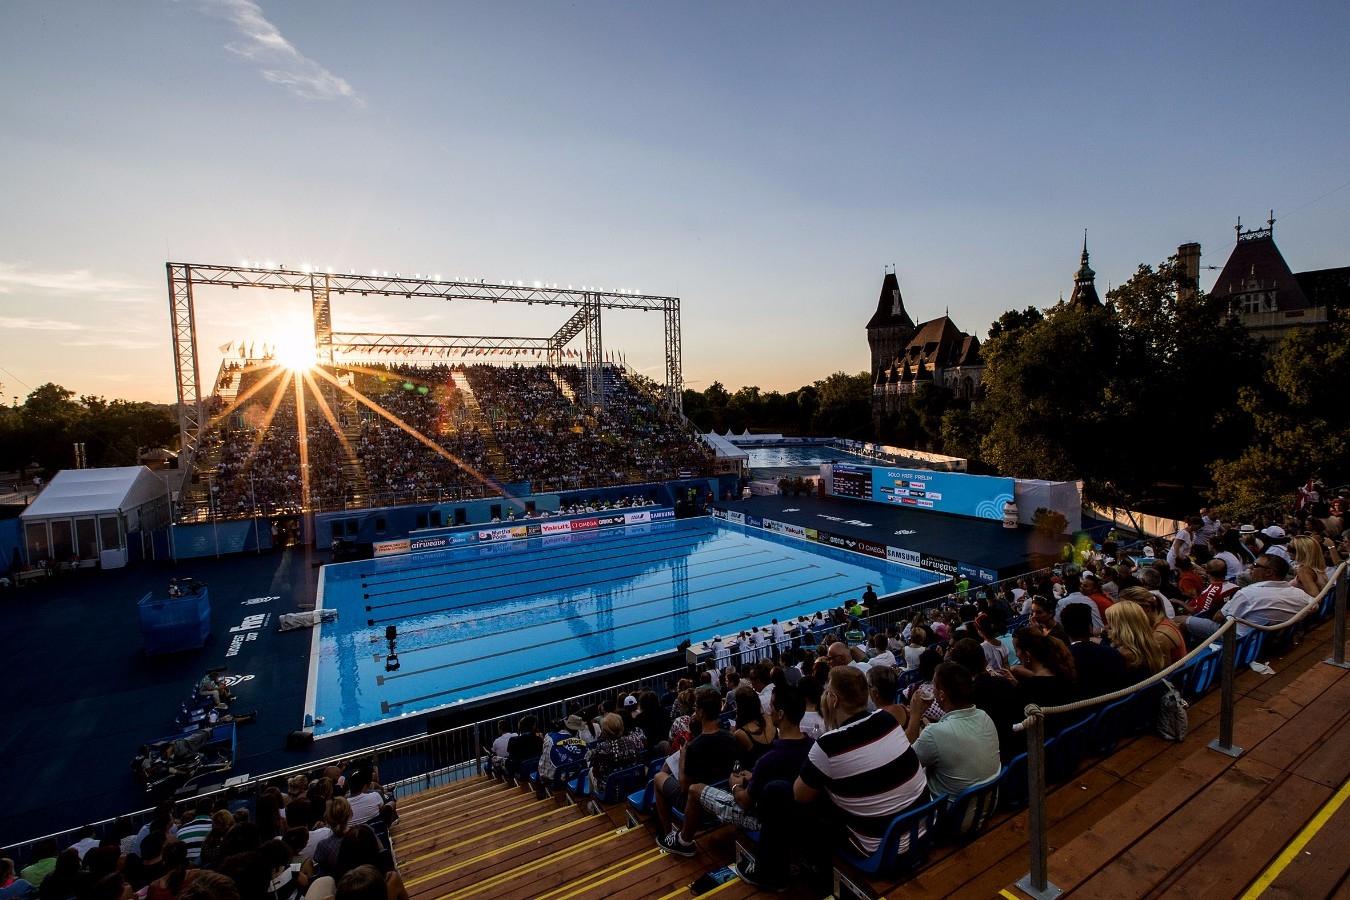 Campeonato Mundial de Desportos Aquaticos. City Park. 17 de Julho de 2017, Budapeste, Hungria. Foto: Satiro Sodré/SSPress/CBDA